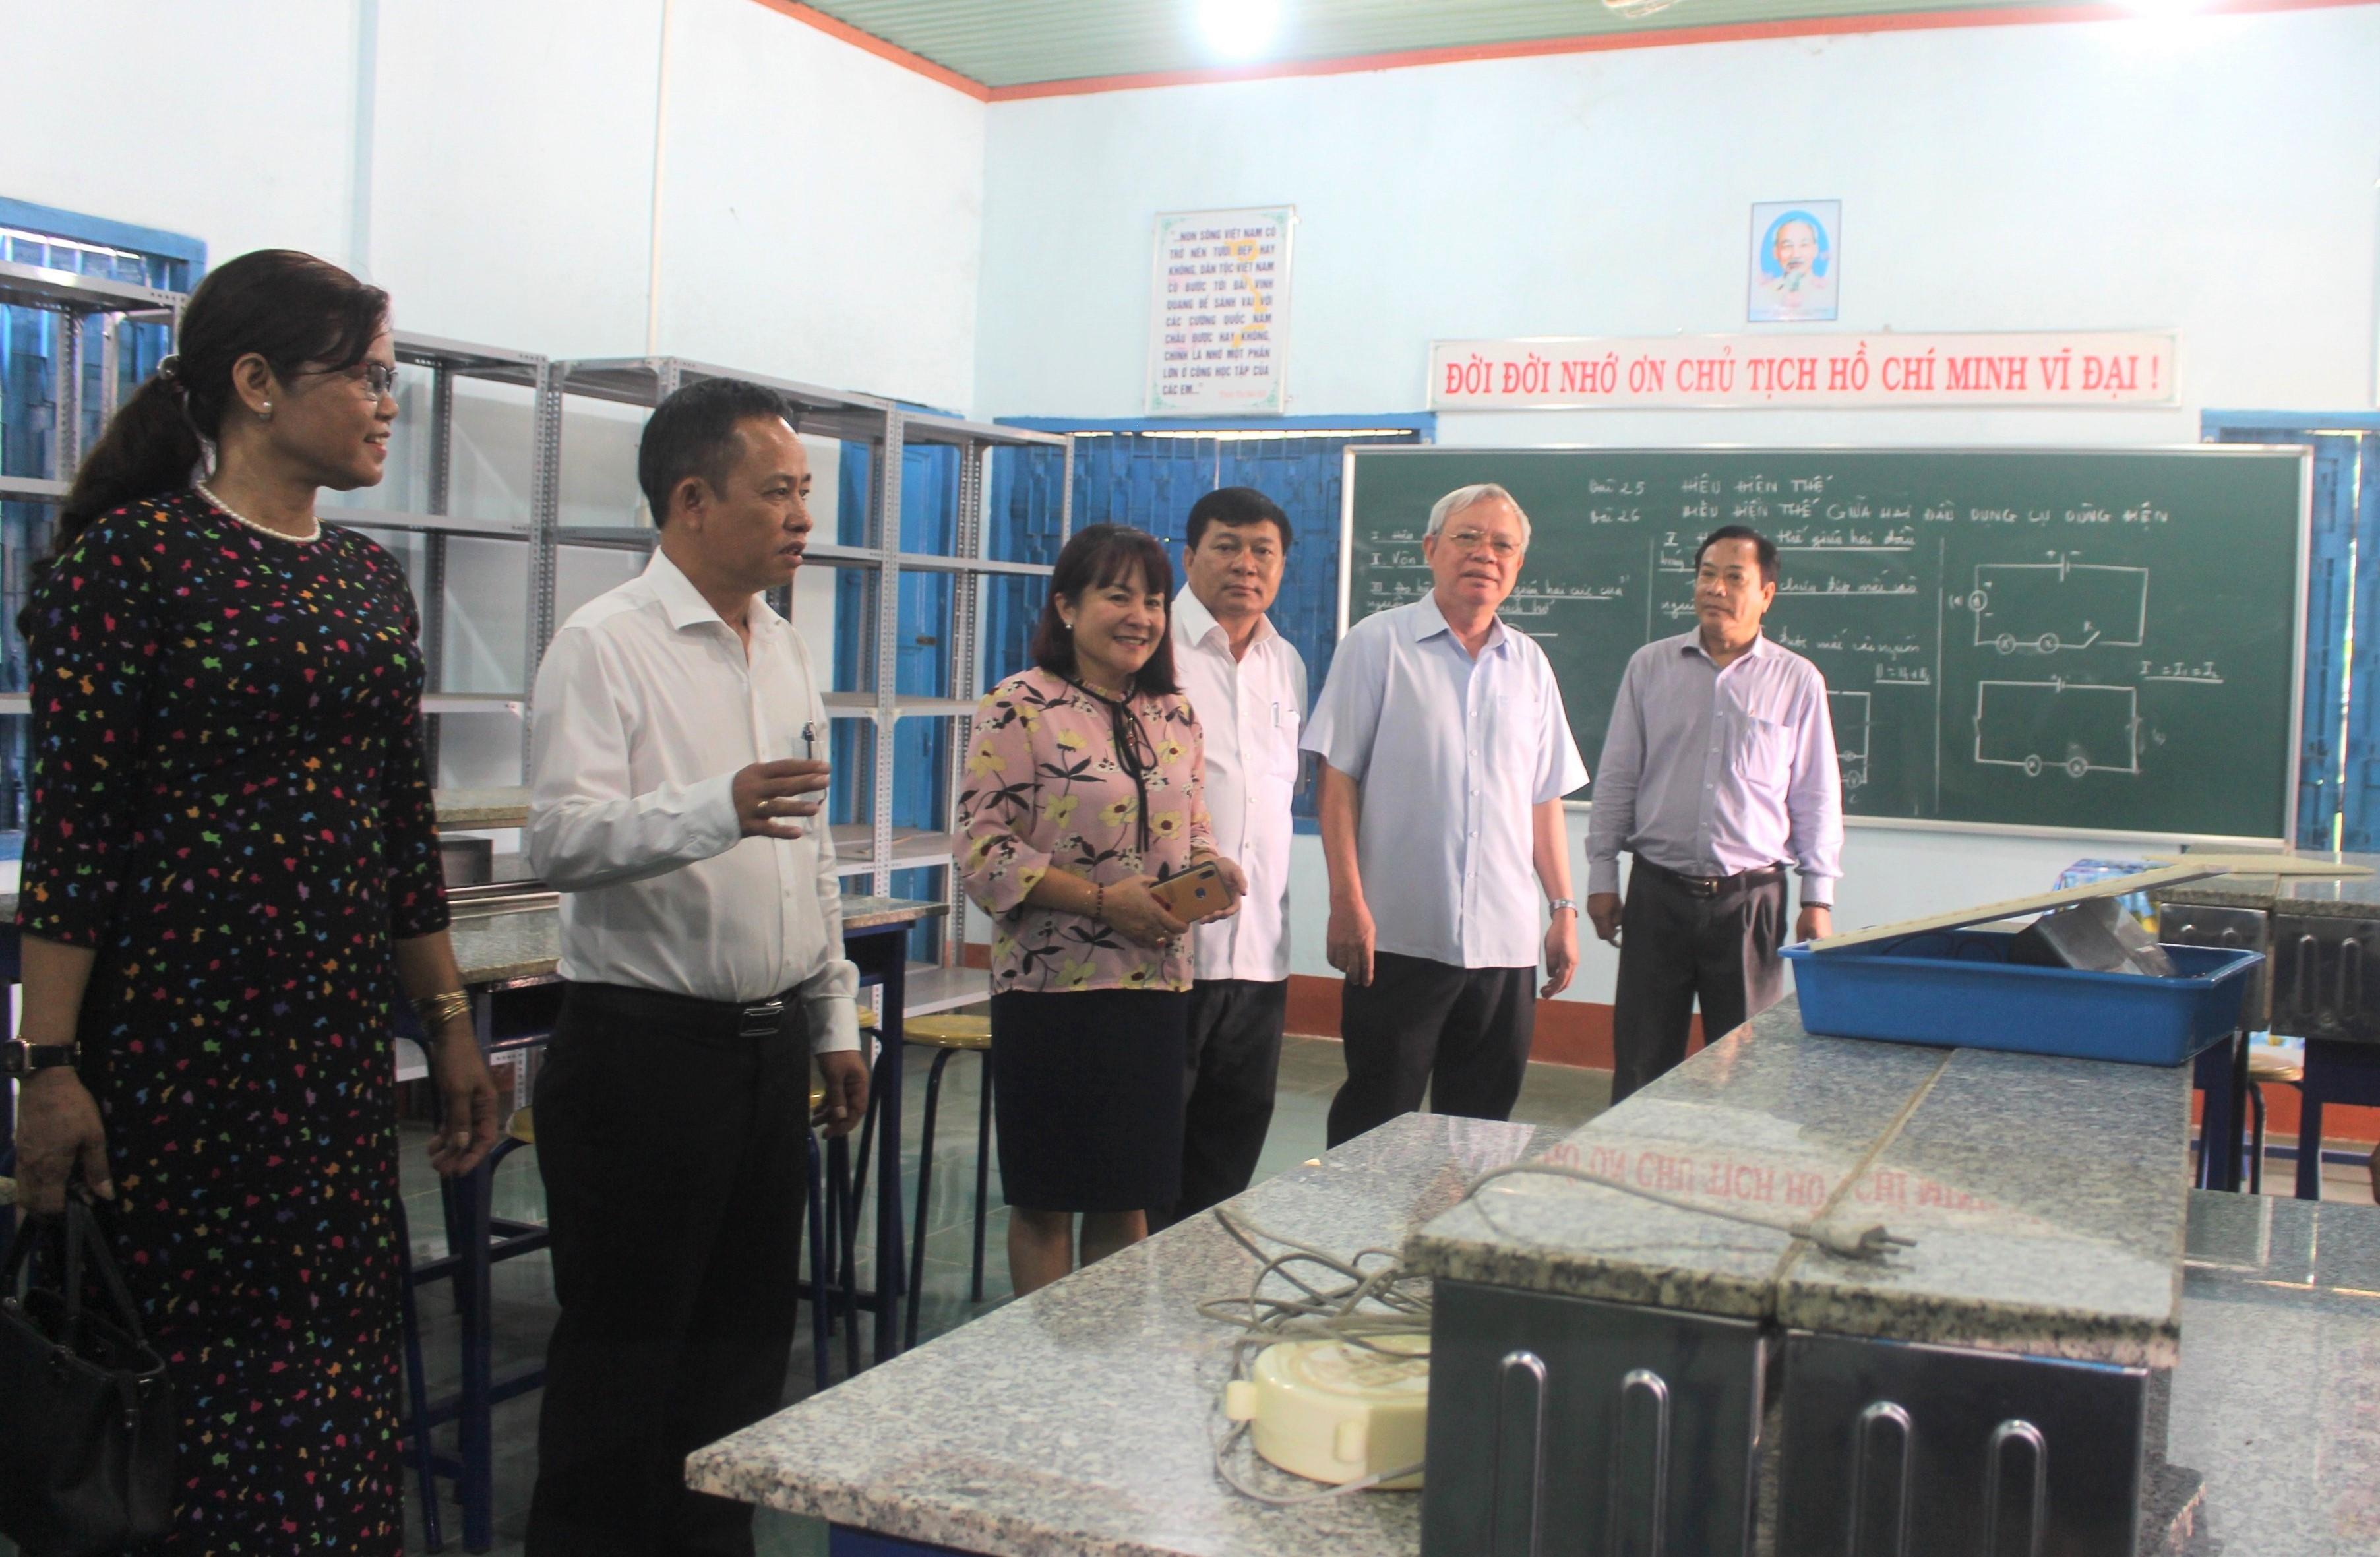 Ban Văn hóa – Xã hội giám sát việc xây dựng trường học đạt chuẩn quốc gia tại huyện Ea Súp